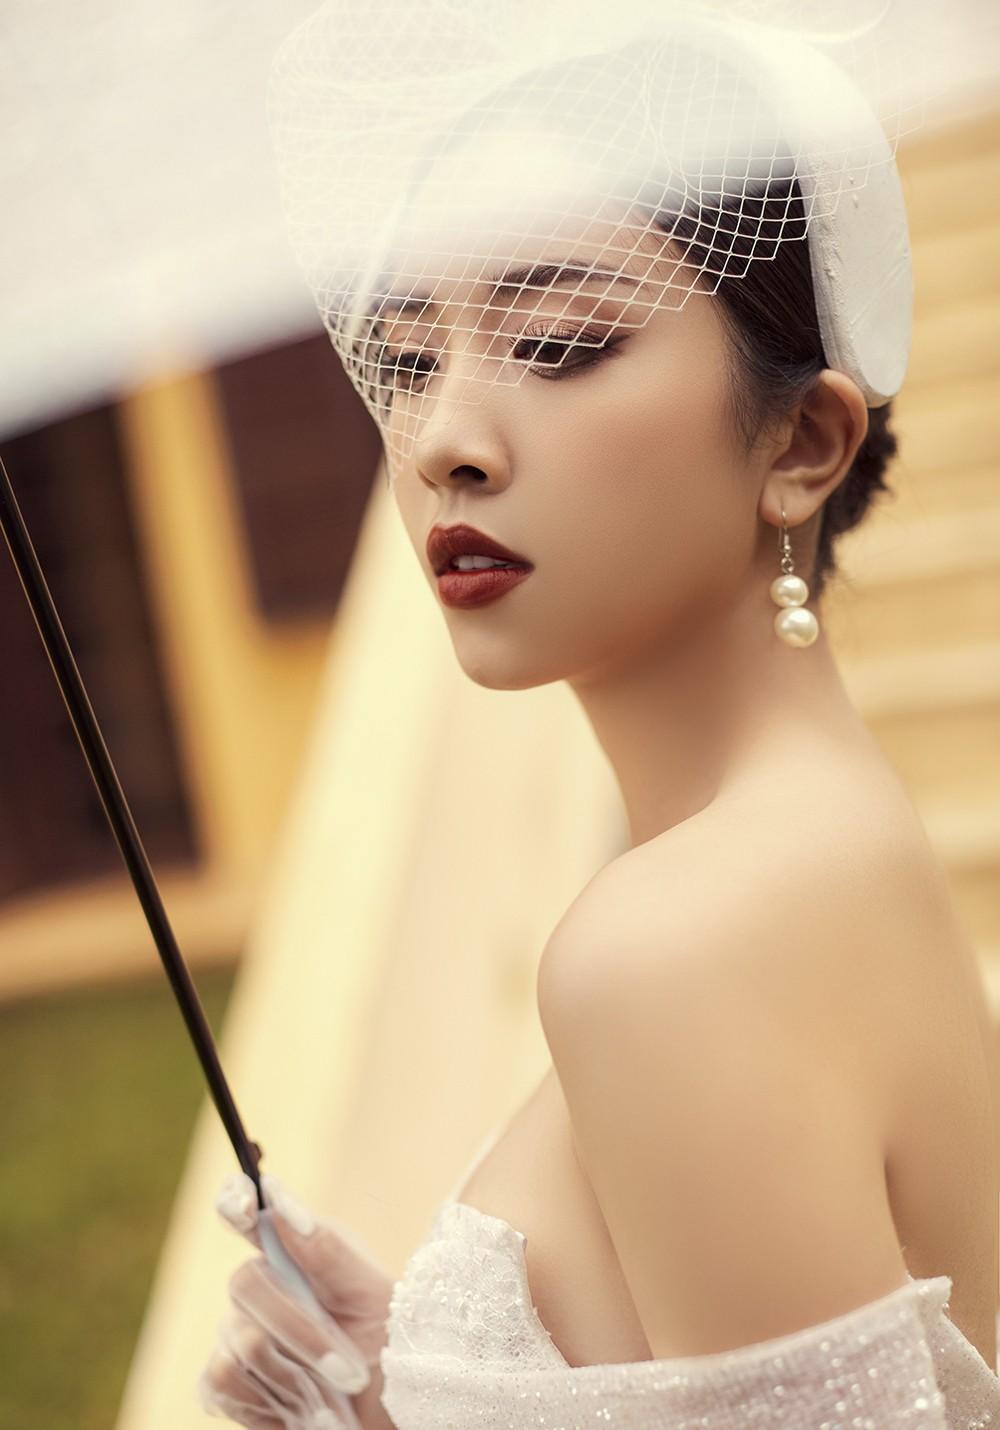 Á hậu Thúy An tiếp tục tung ảnh cưới 'tình bể bình' ở Đà Lạt trước thềm hôn lễ ảnh 3